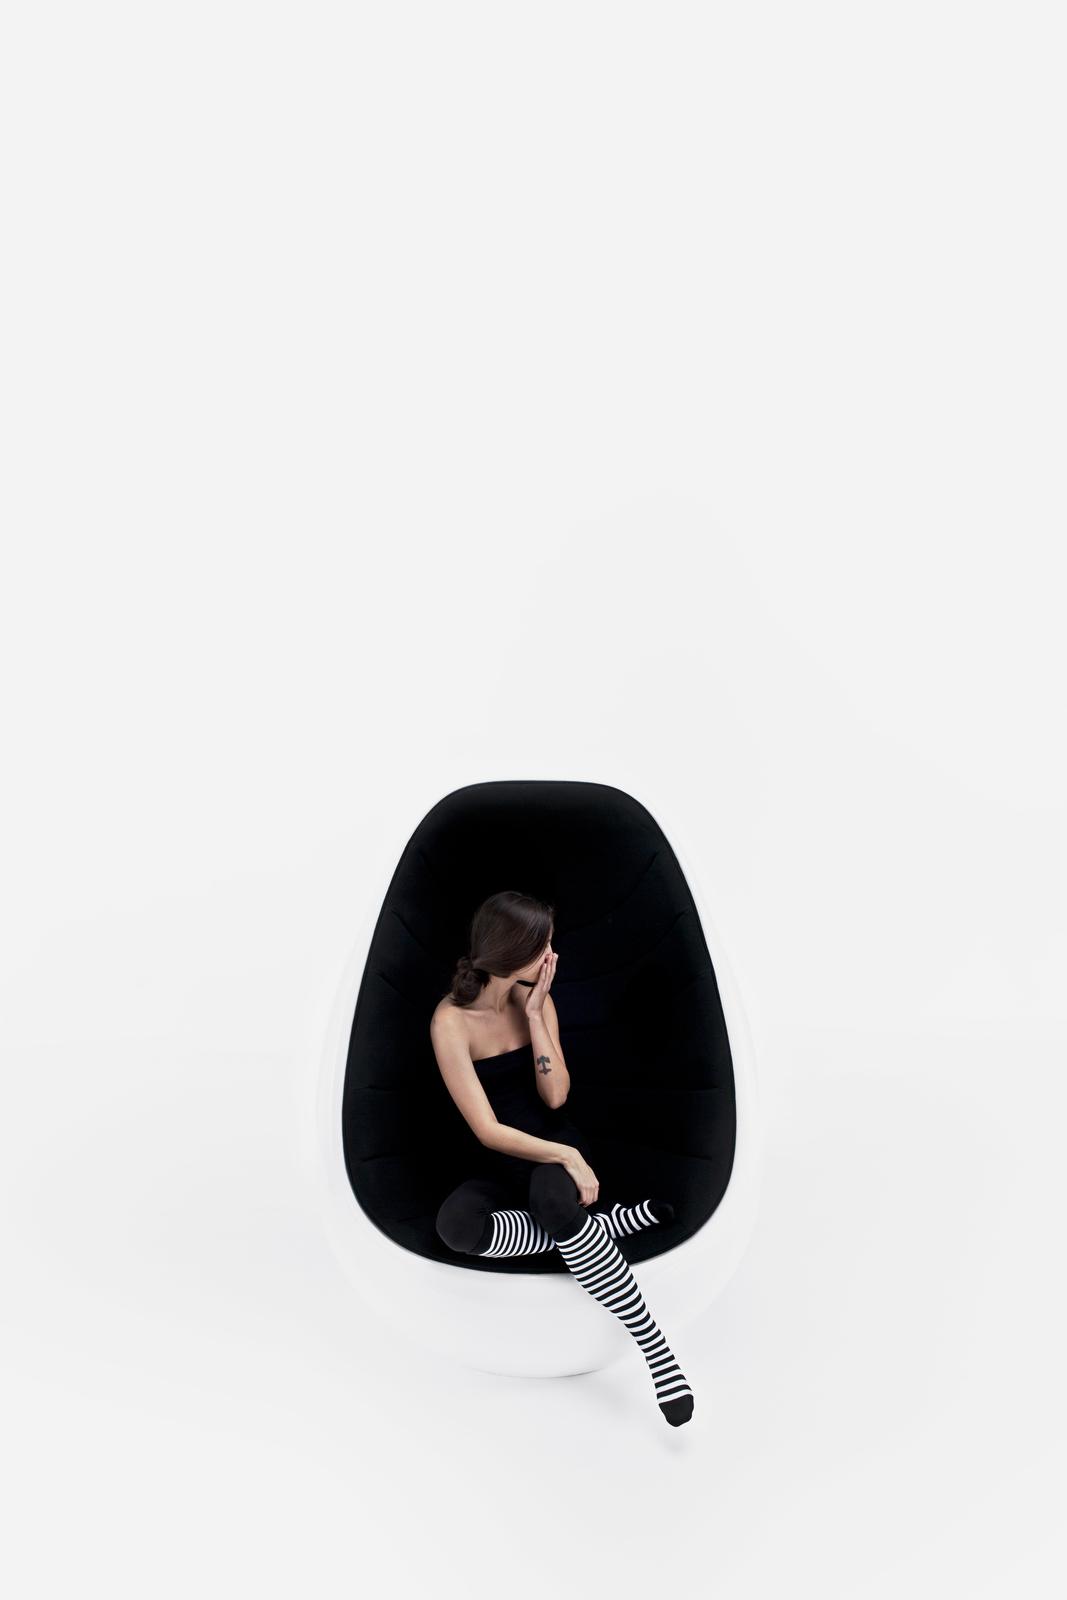 Fauteuil forme ovoïdale Koop noir et blanc Martela